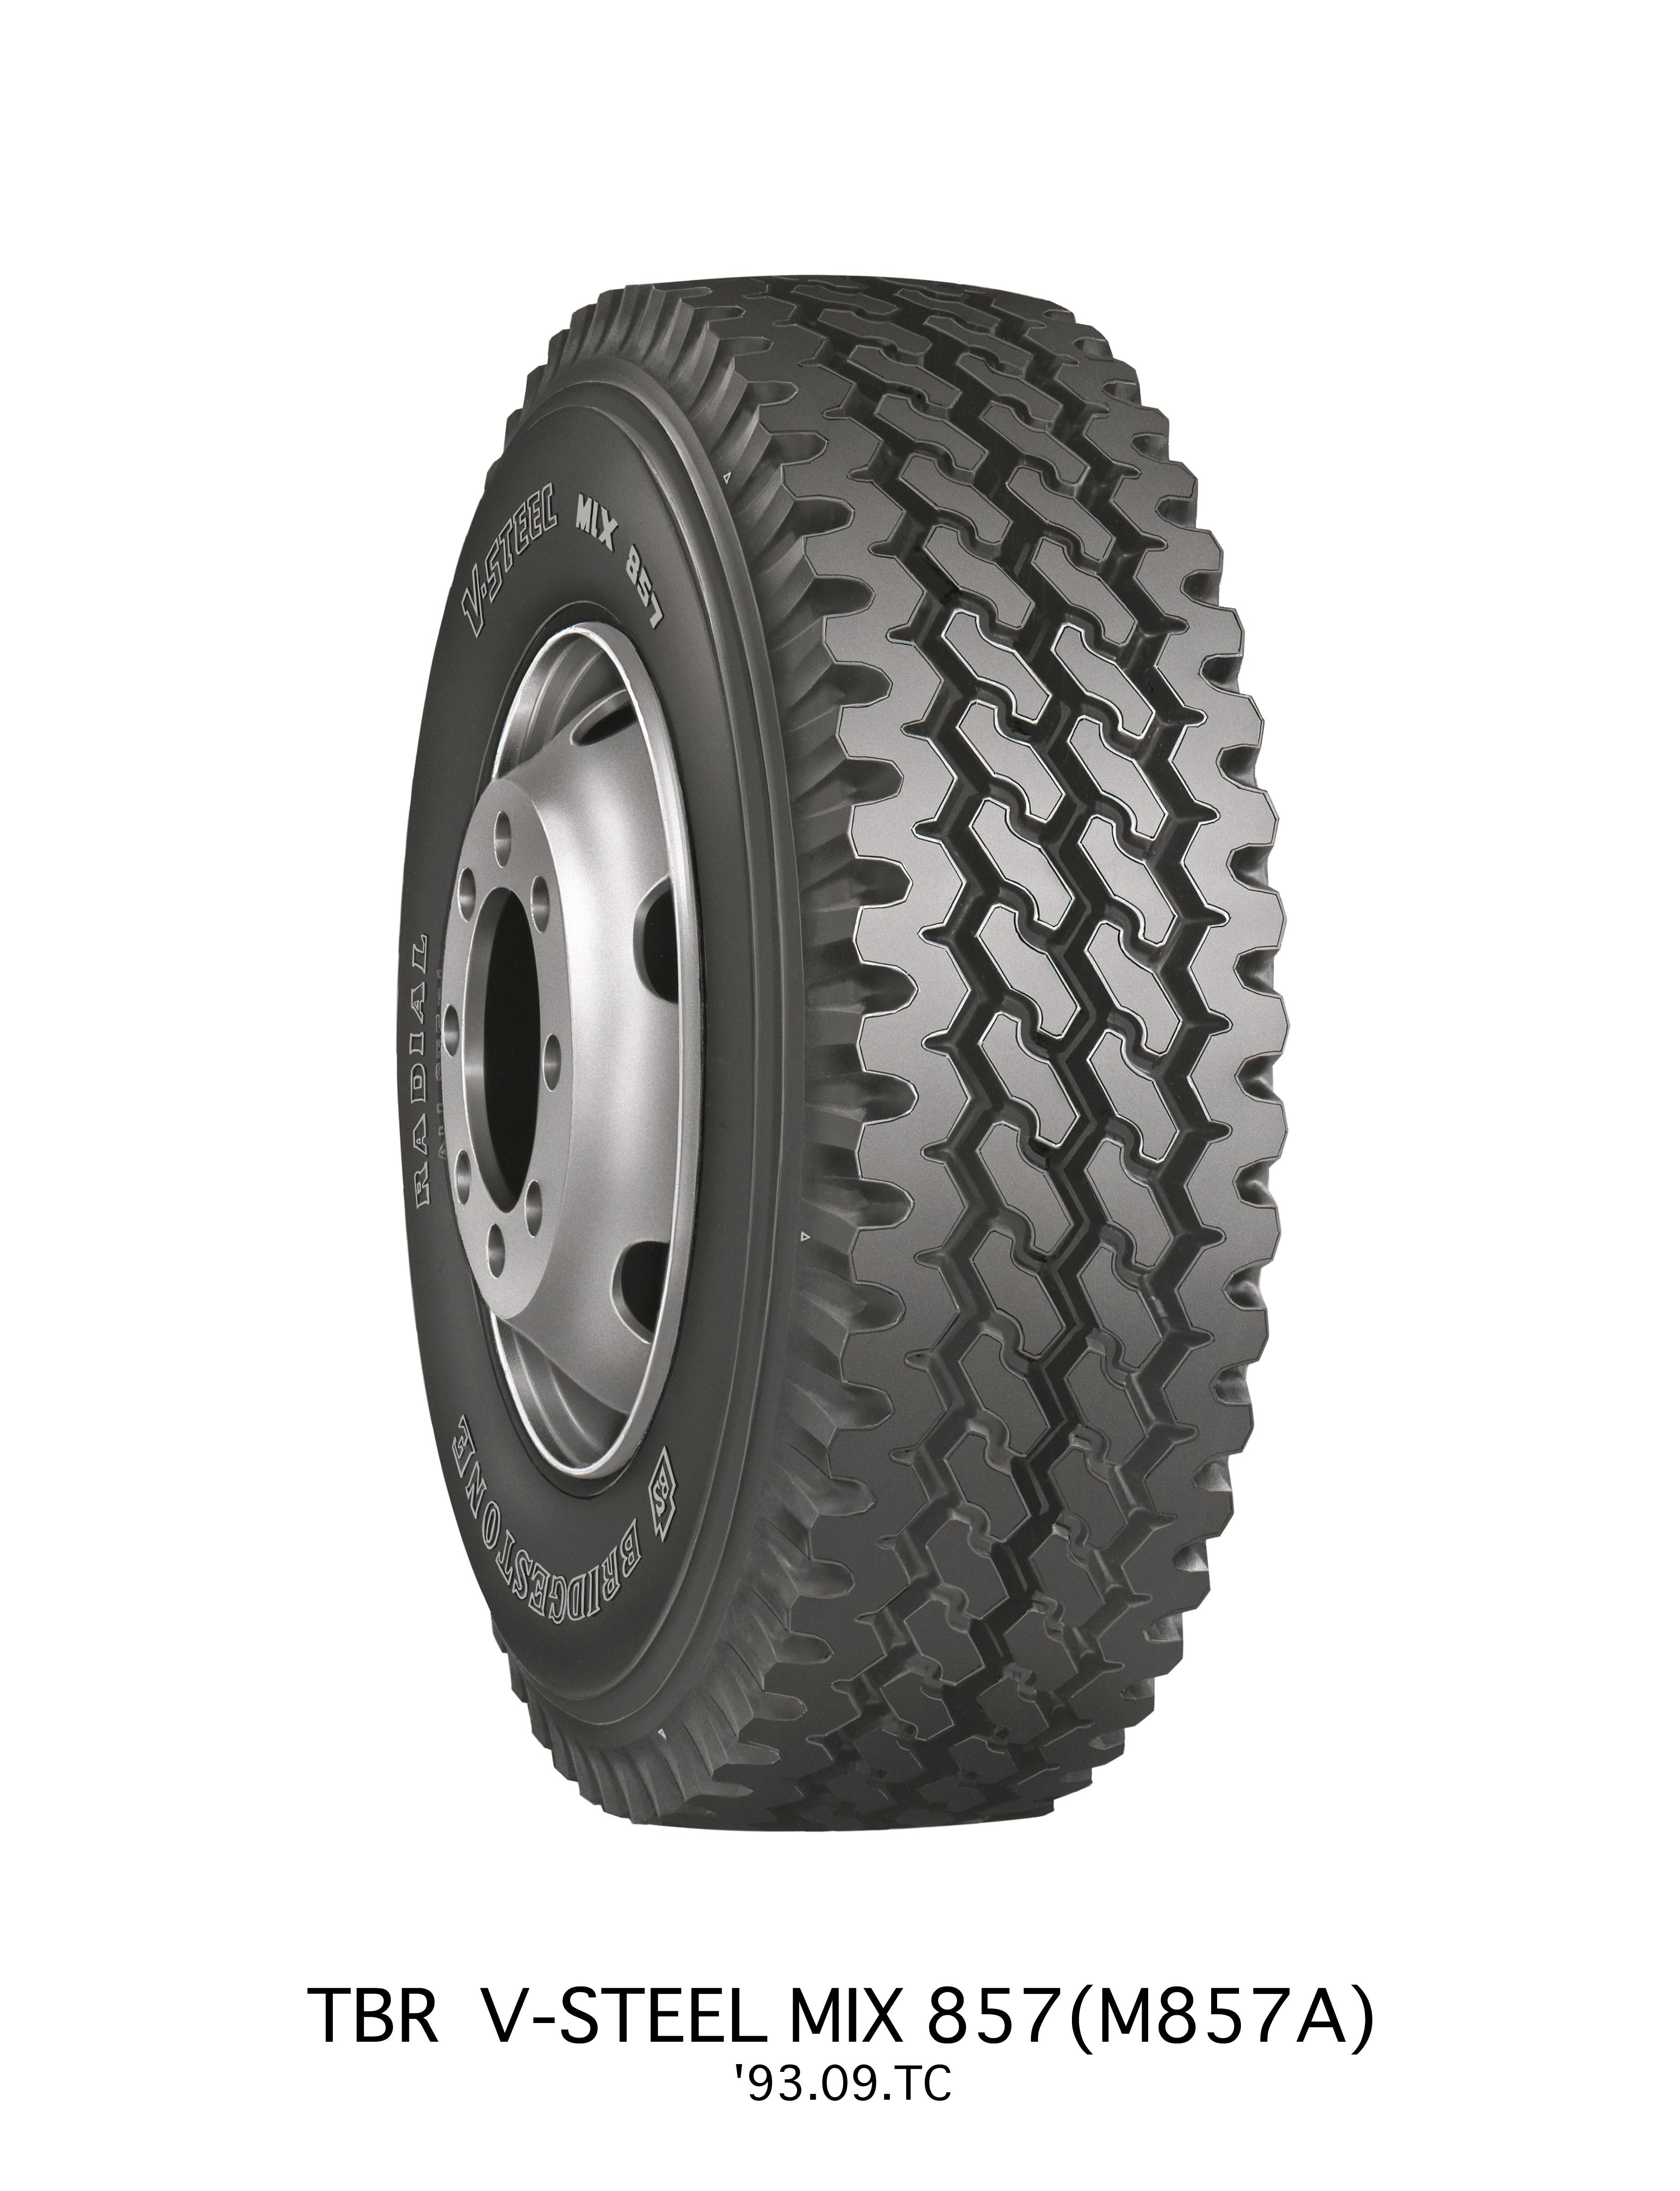 1000-20 R16  M857  Bridgestone Thailand